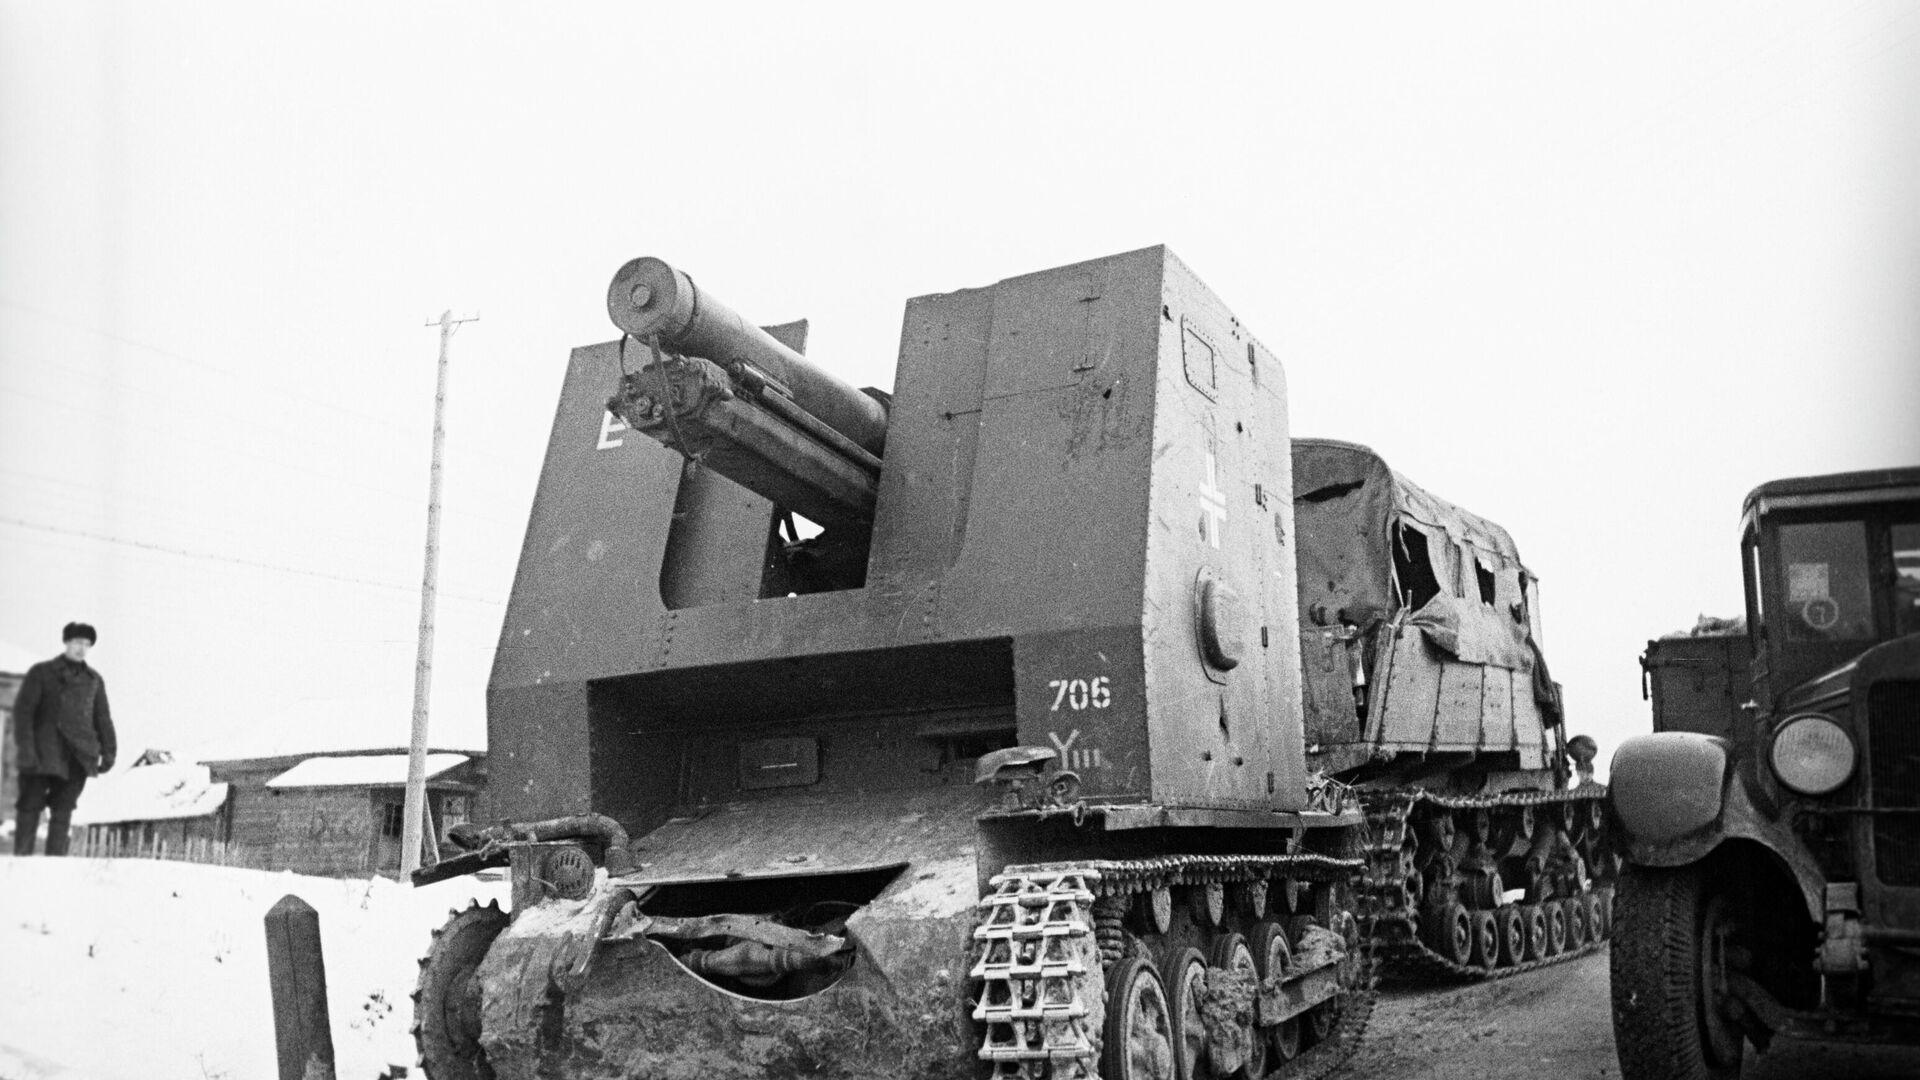 Vehículos militares nazis capturados en la batalla de Moscú - Sputnik Mundo, 1920, 22.06.2021